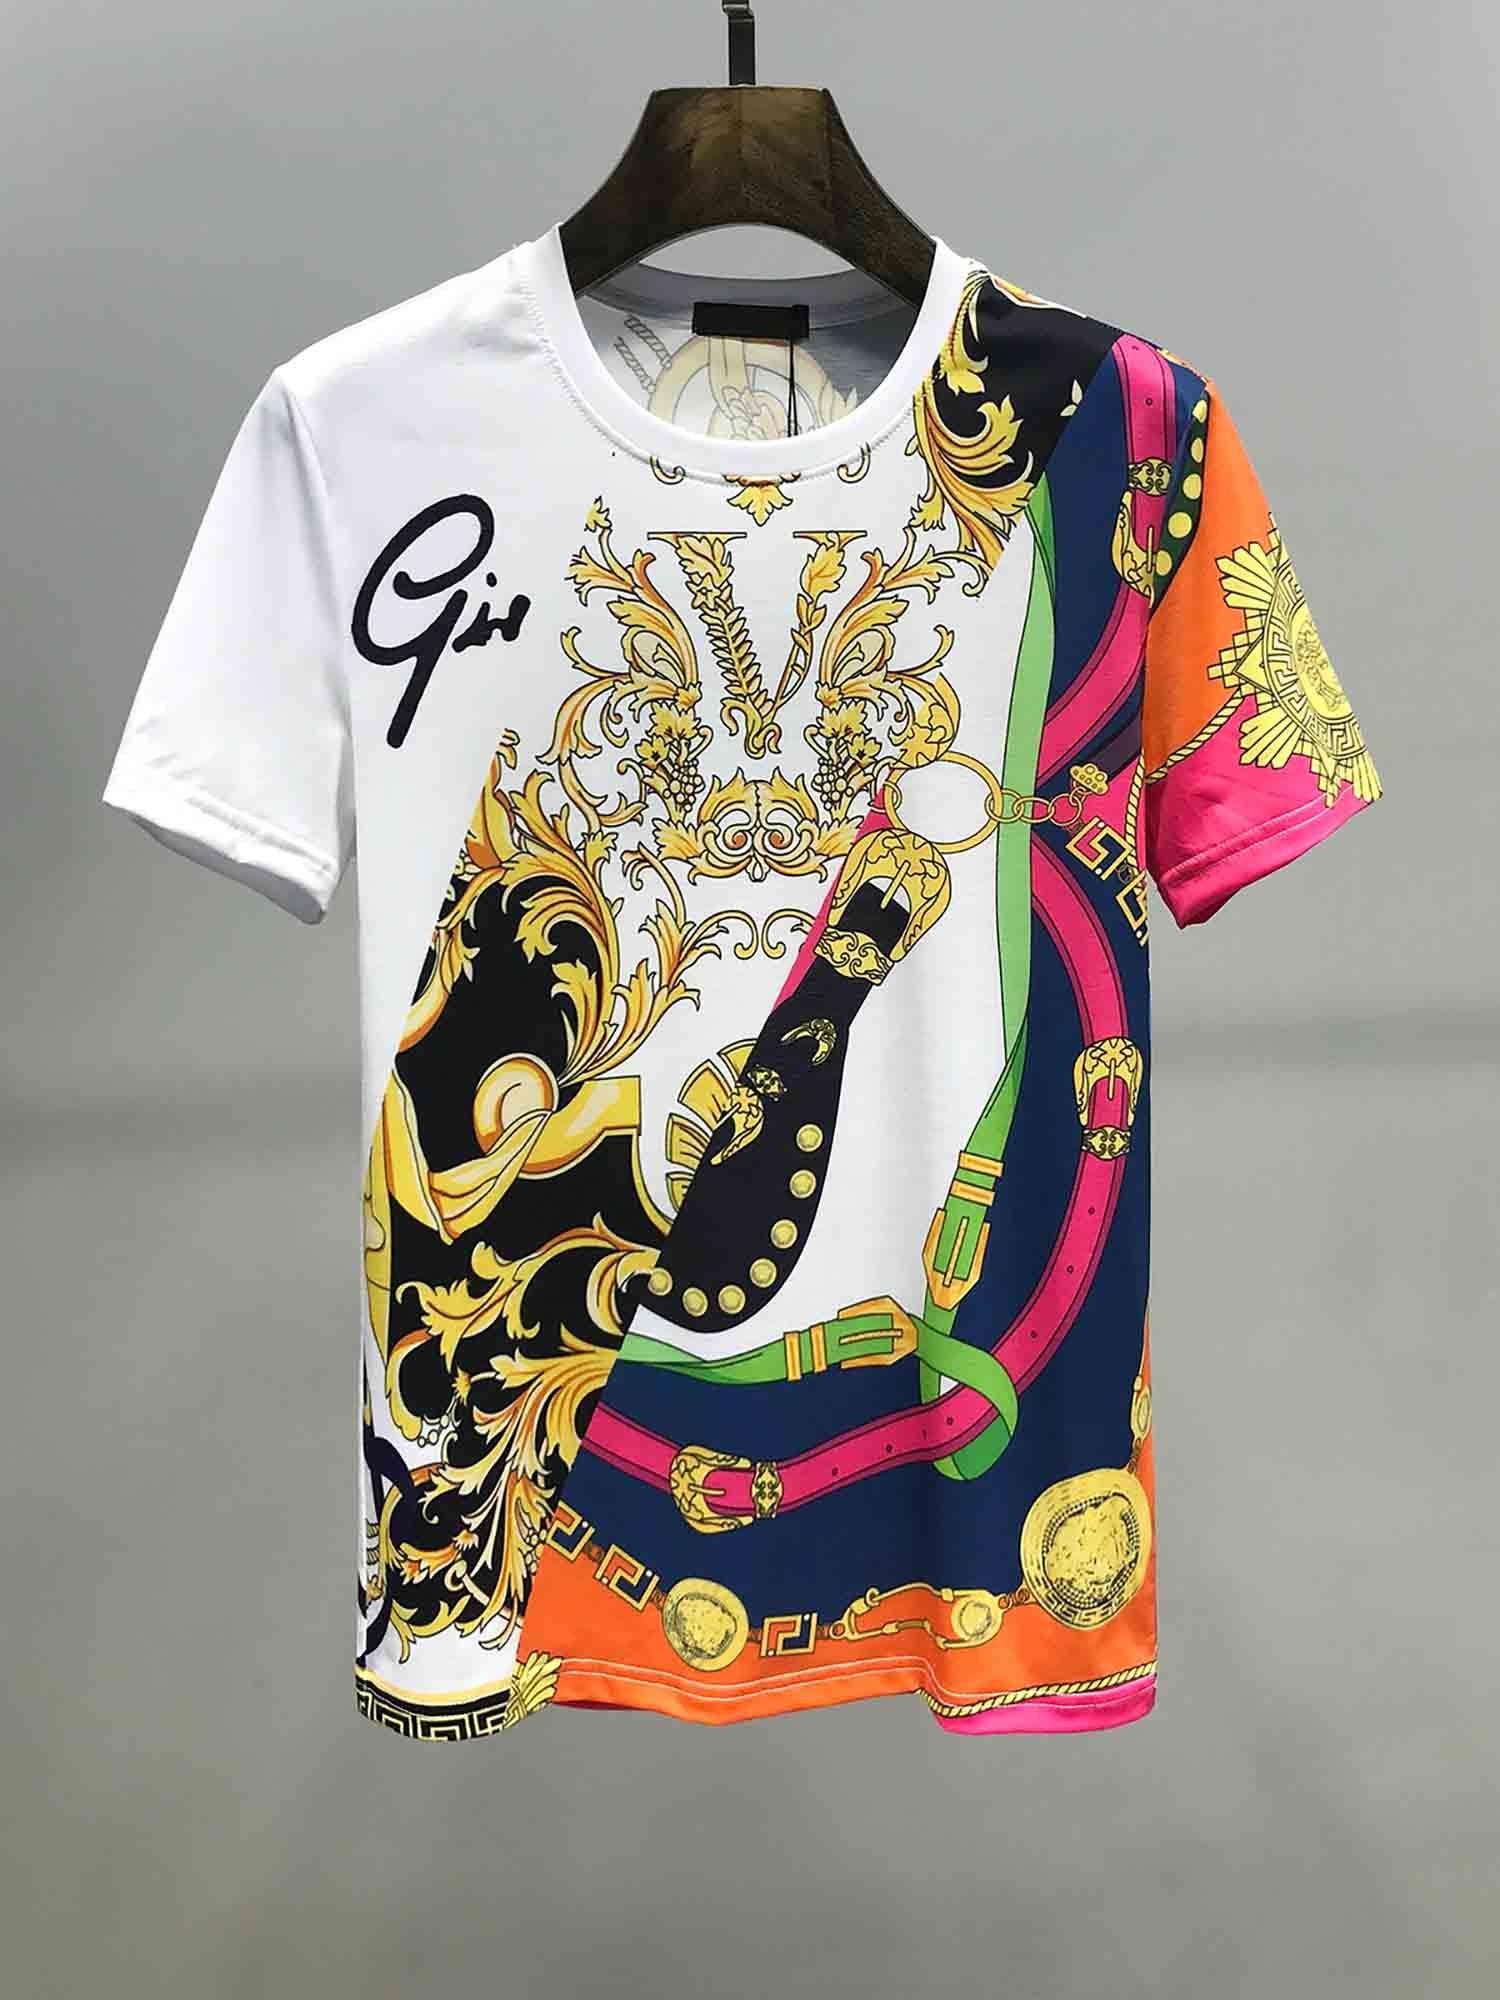 Camiseta de la ropa 2020 de los hombres de la moda europea y de alta gama de estilo americano impresión de manga corta de la marca de moda encima de la medusa